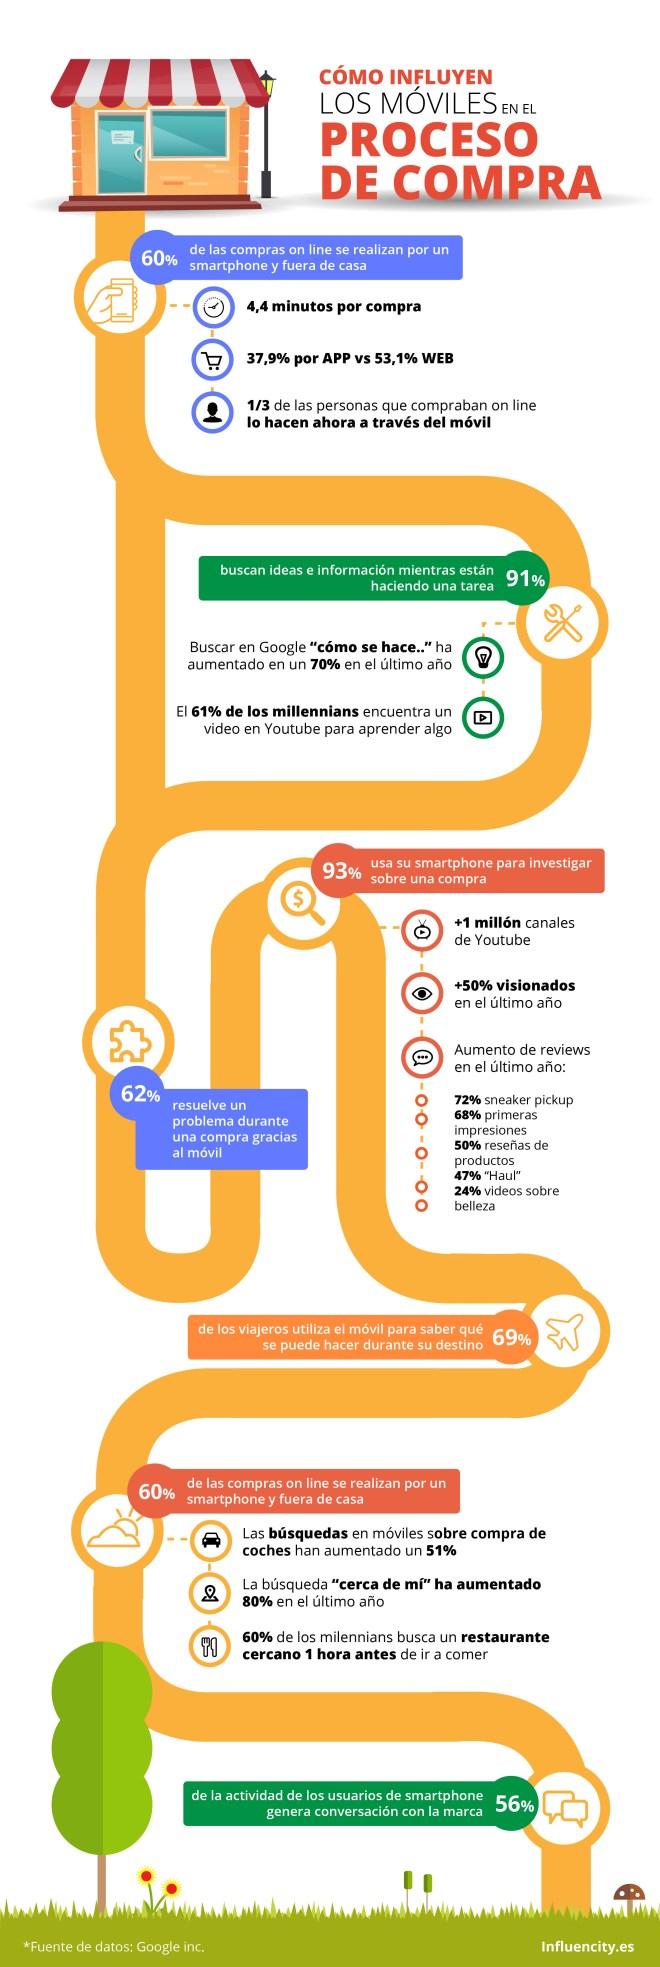 Cómo influyen los móviles en el proceso de compra